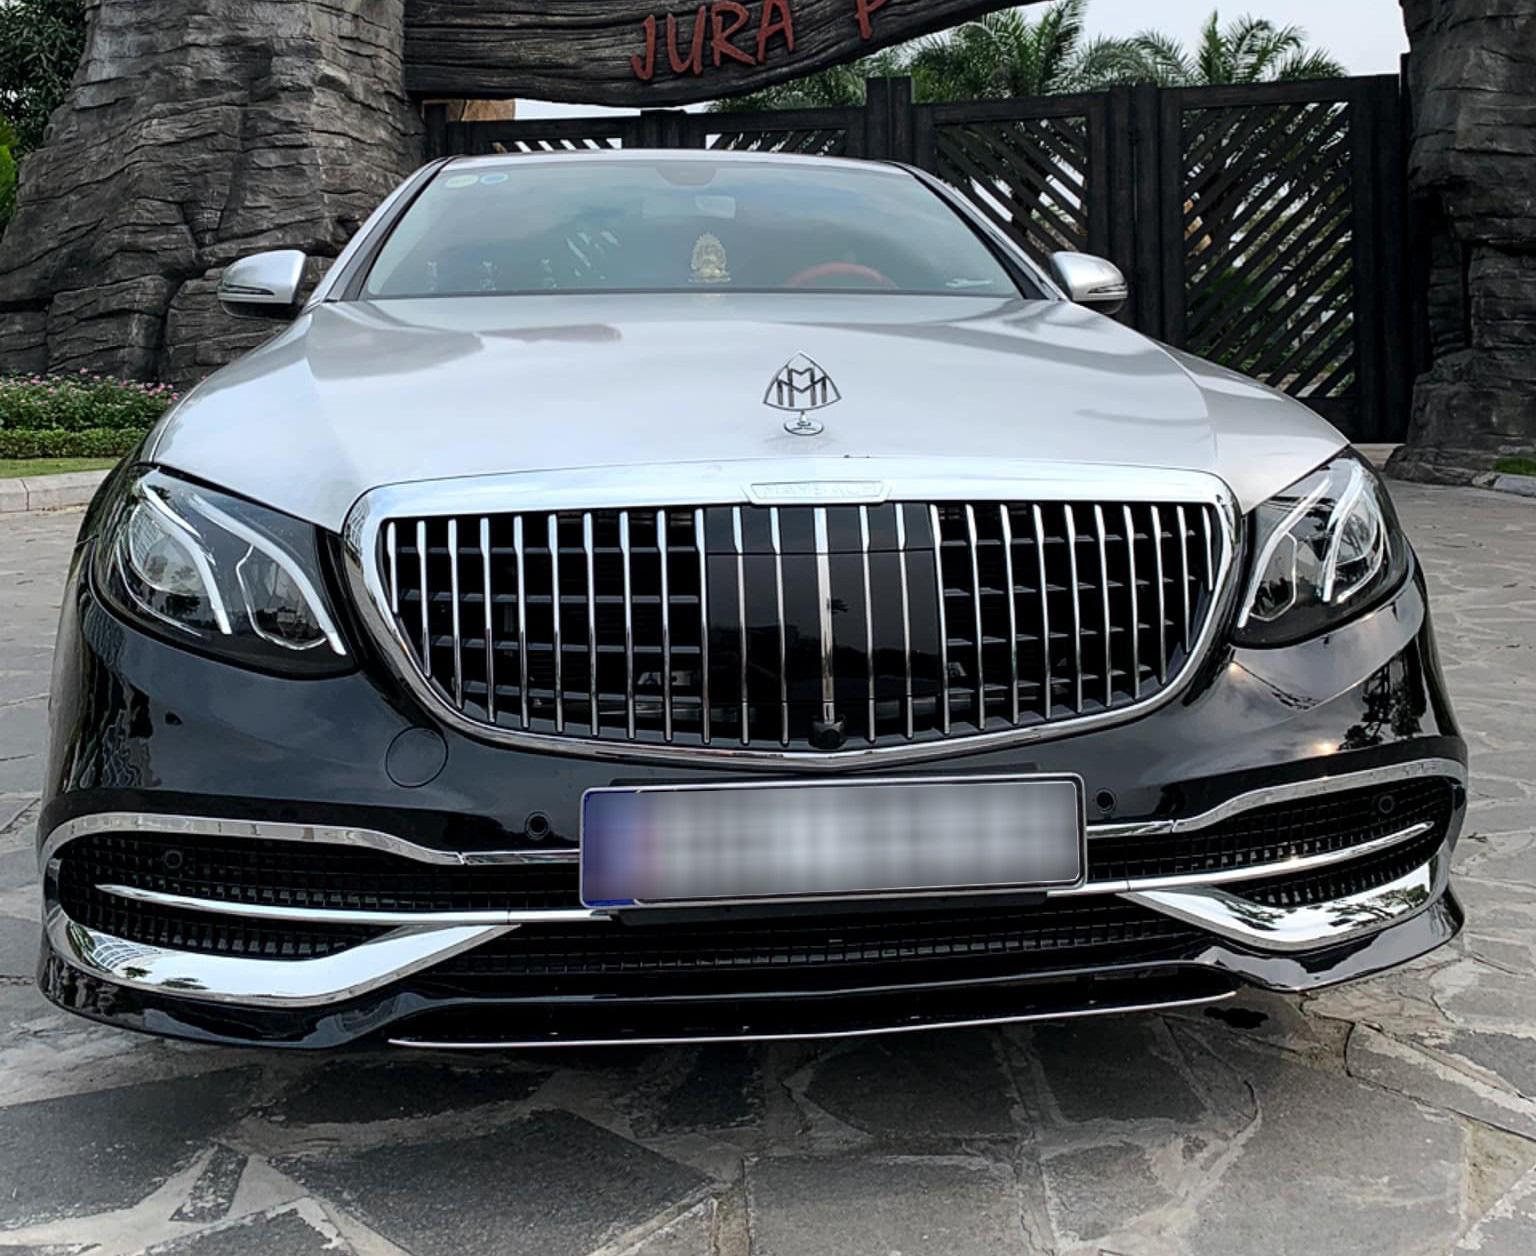 Dân chơi Hà Nội tự mình 'hô biến' Mercedes-Benz E 200 thành S 450 Maybach chỉ với 150 triệu đồng Ảnh 1